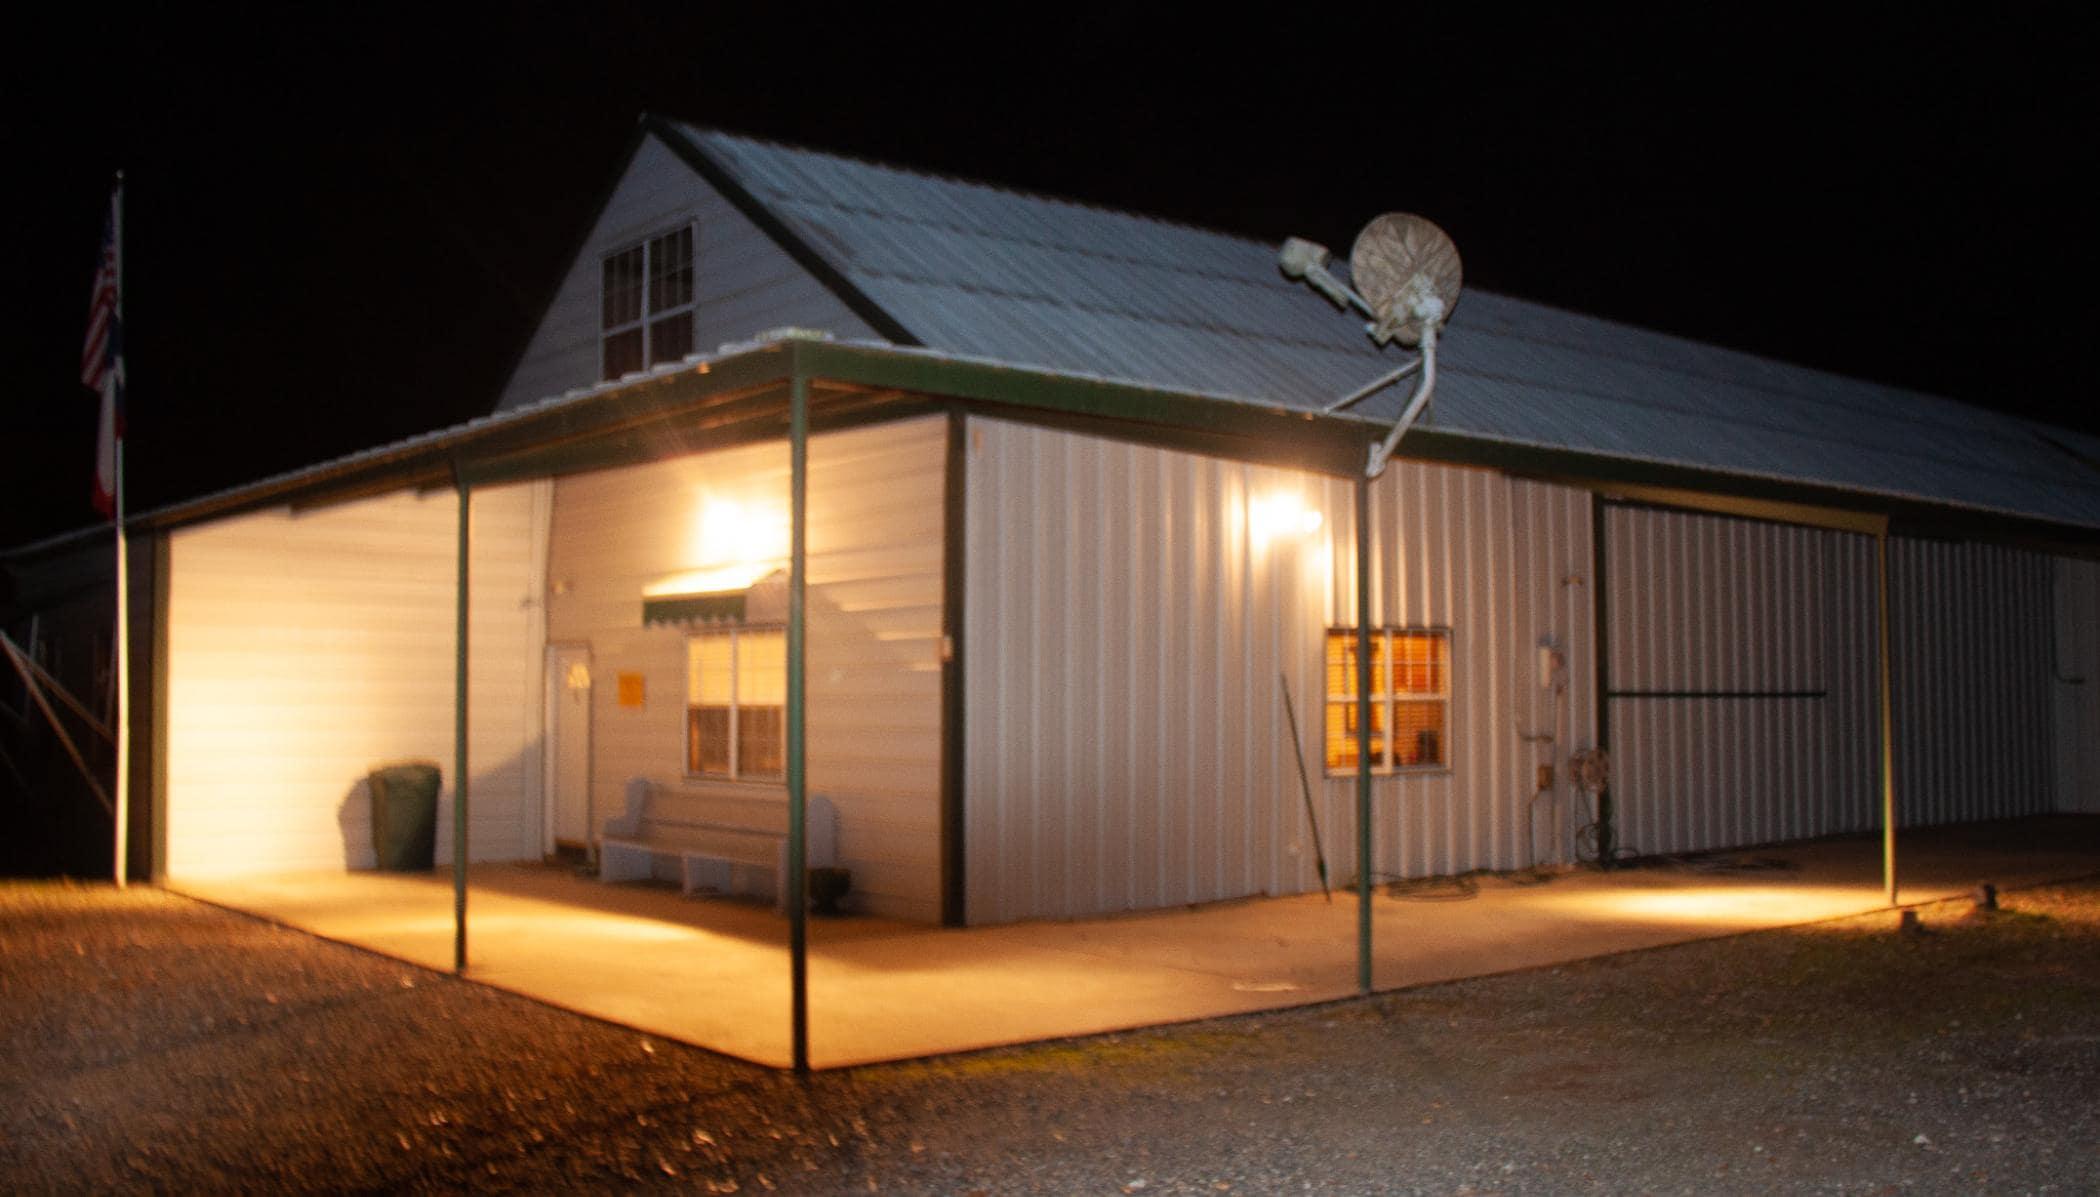 barn and covered porch at night at rancho de patos